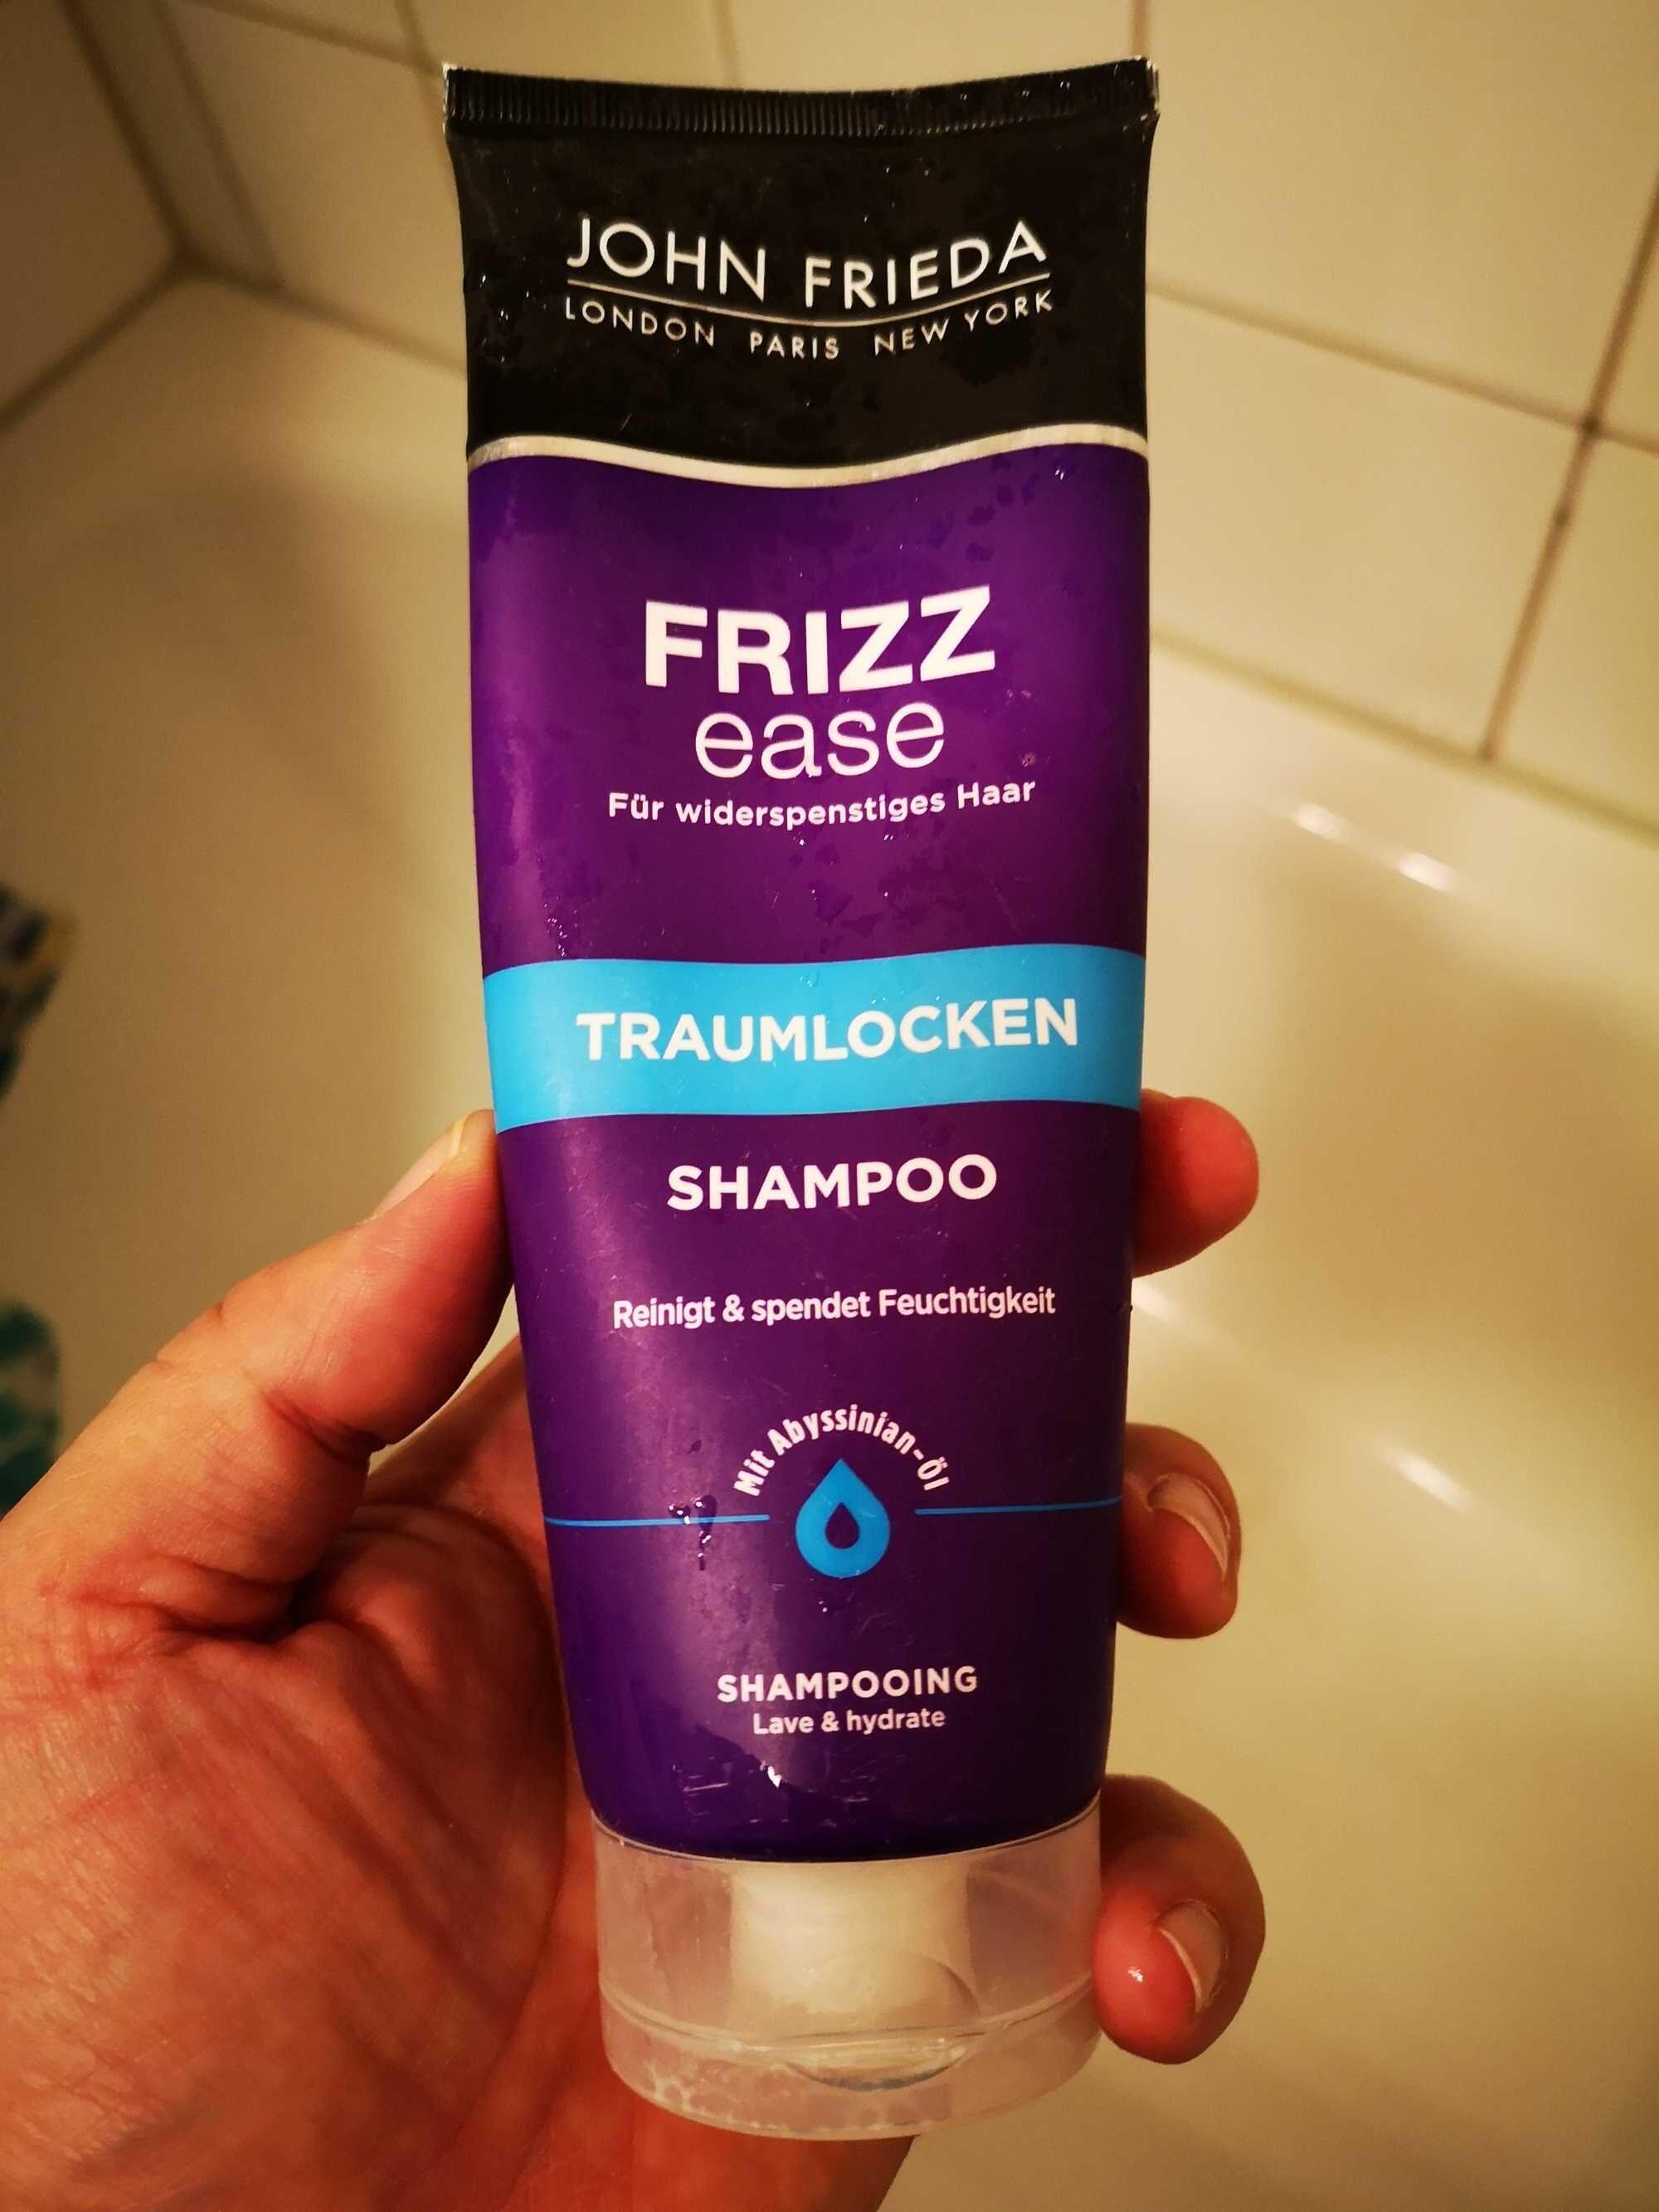 Frizz ease Traumlocken - Product - de